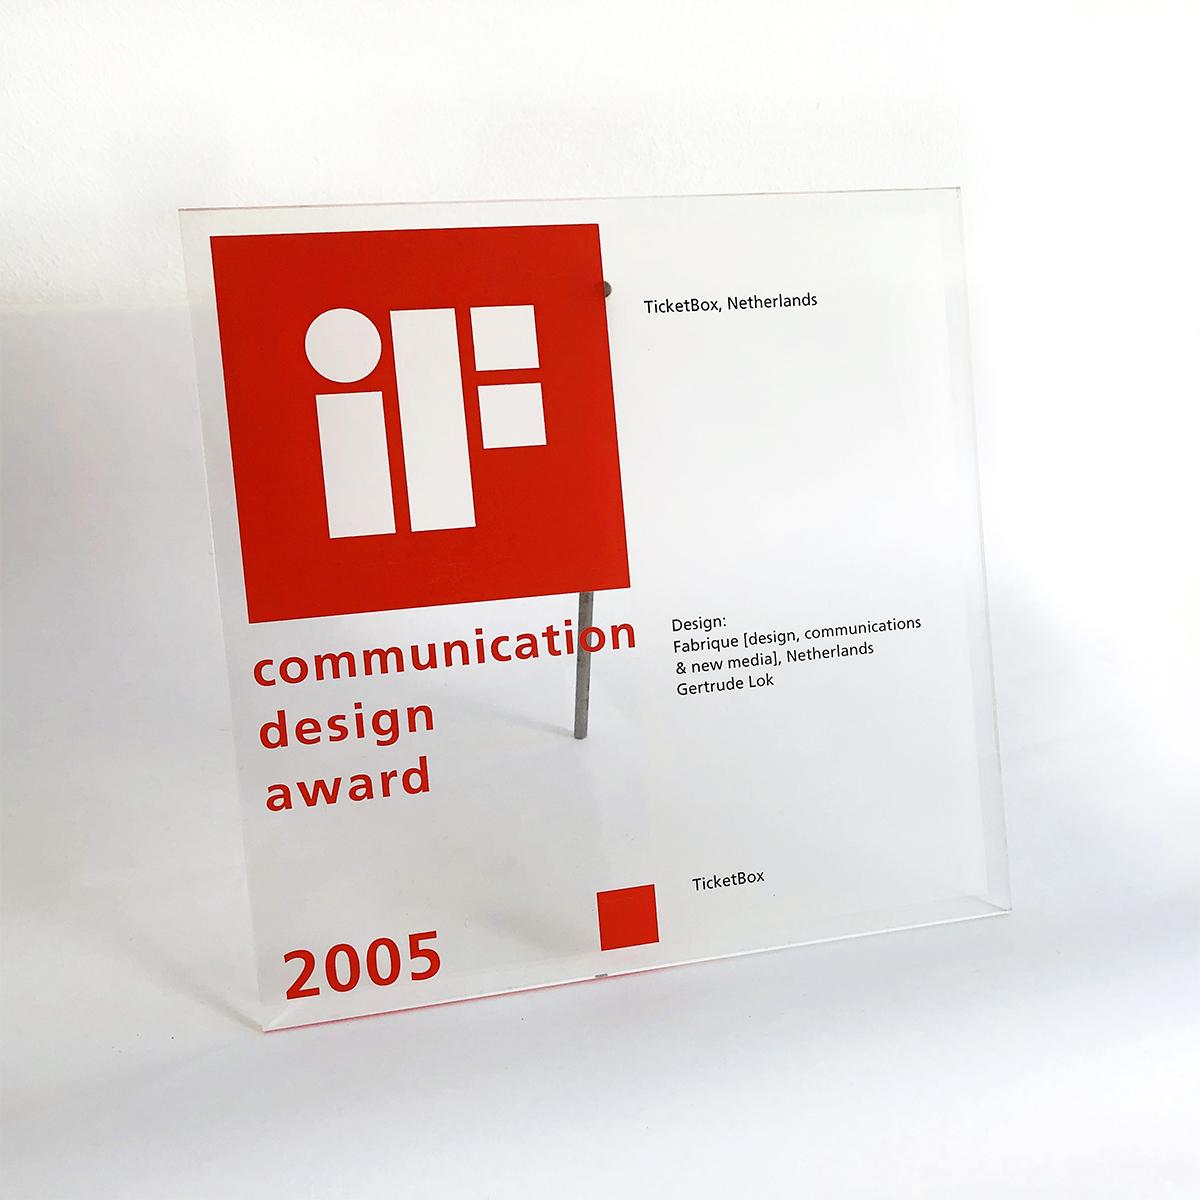 Gertrude Lok IF Design Award